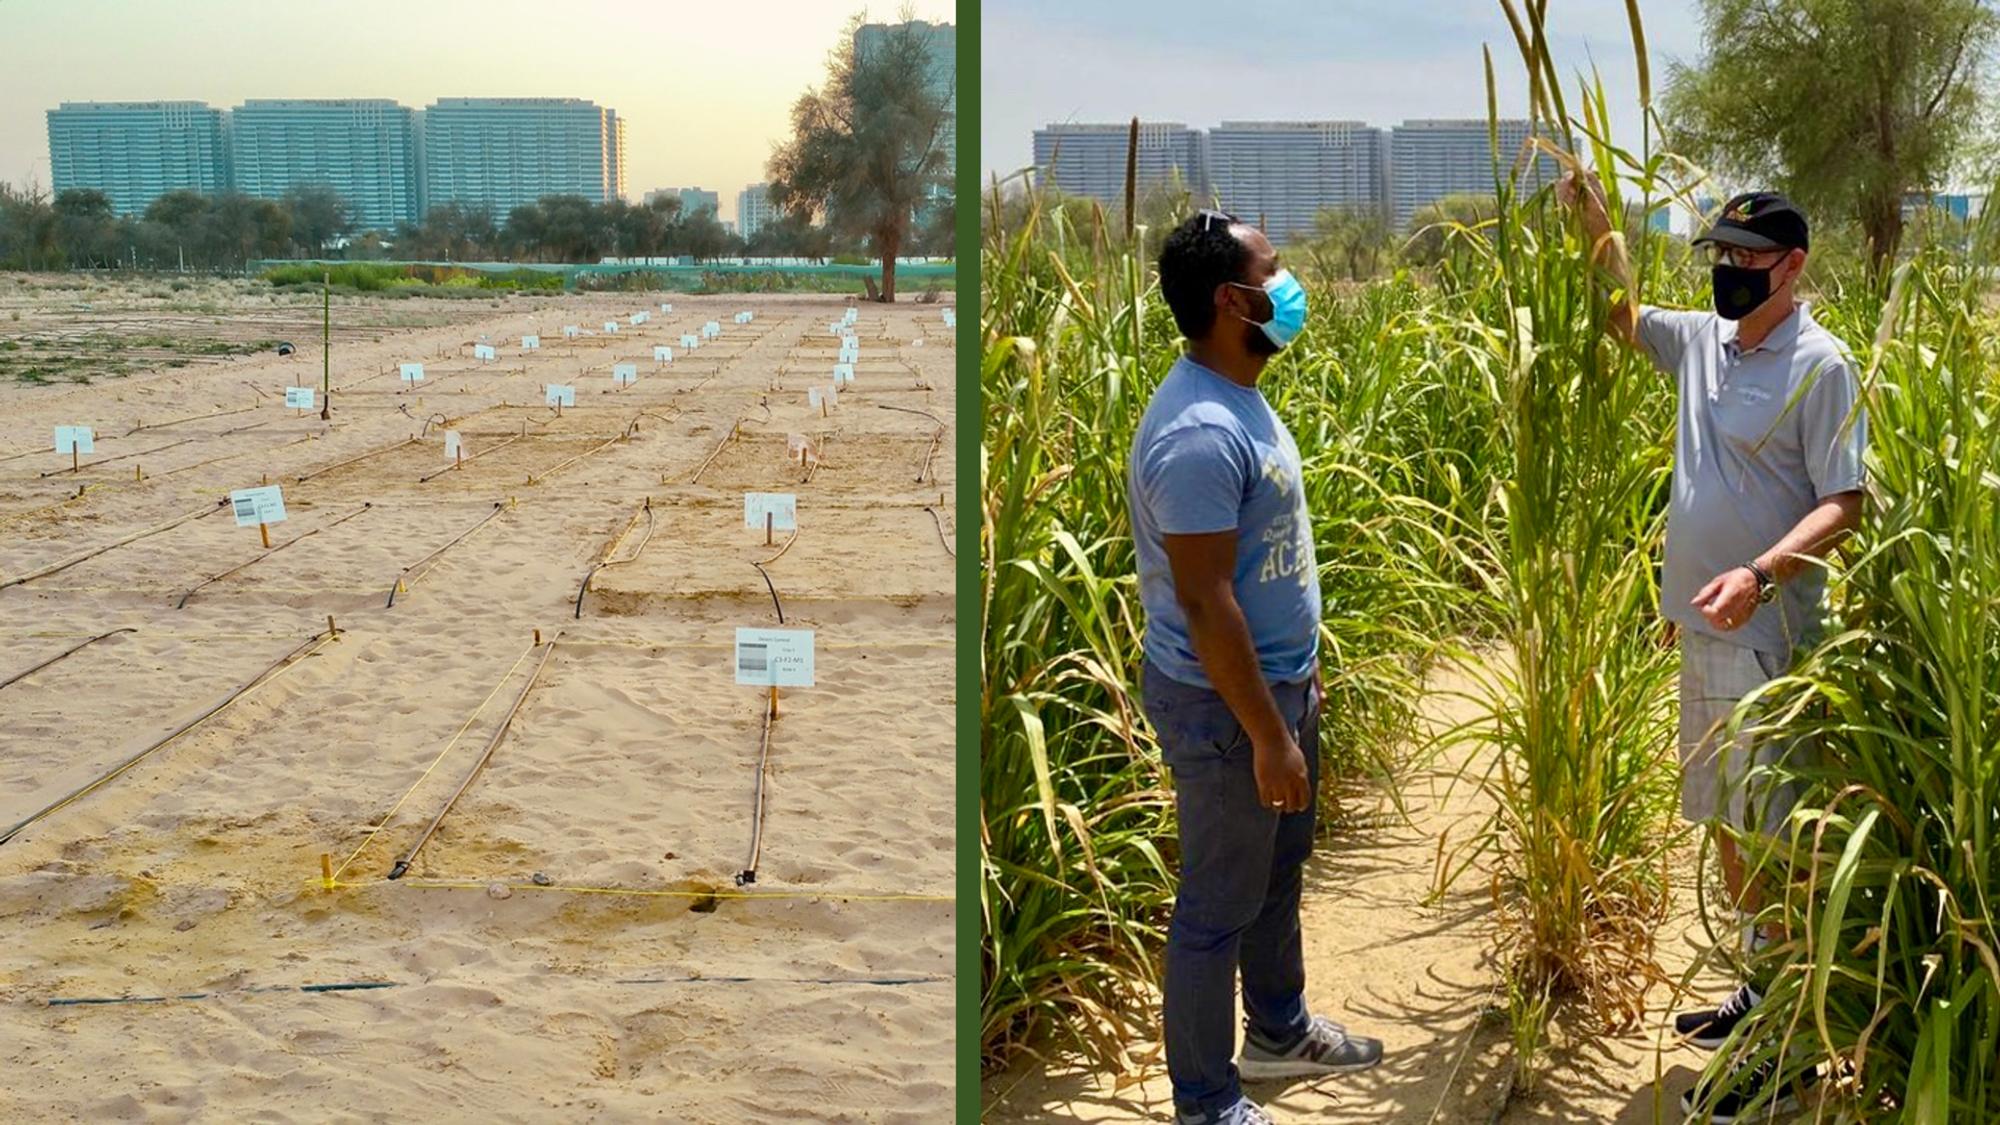 Etter fem måneder: Utenfor Dubai har Desert Control dyrket vannmelon, squash (zucchini) og perlehirse i ørkenen. Resultatet var 20-50 prosent vannbesparelse og økt avlingsutbytte fra 17-62 prosent for dette prosjektet.